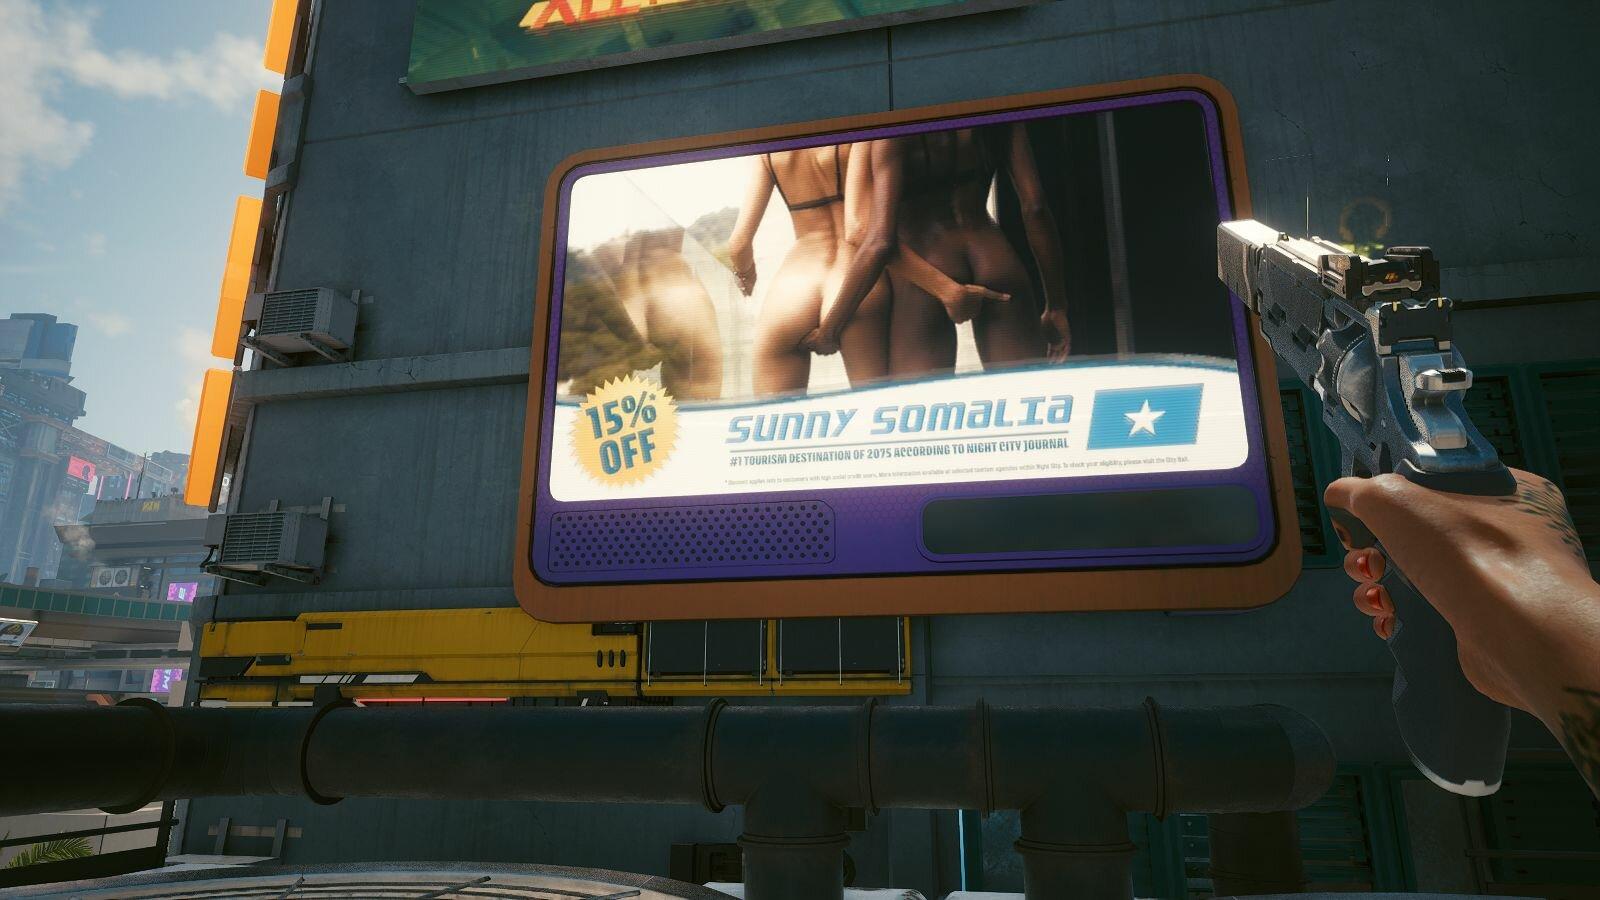 Реклама для взрослых, что то там о поддержке ;)